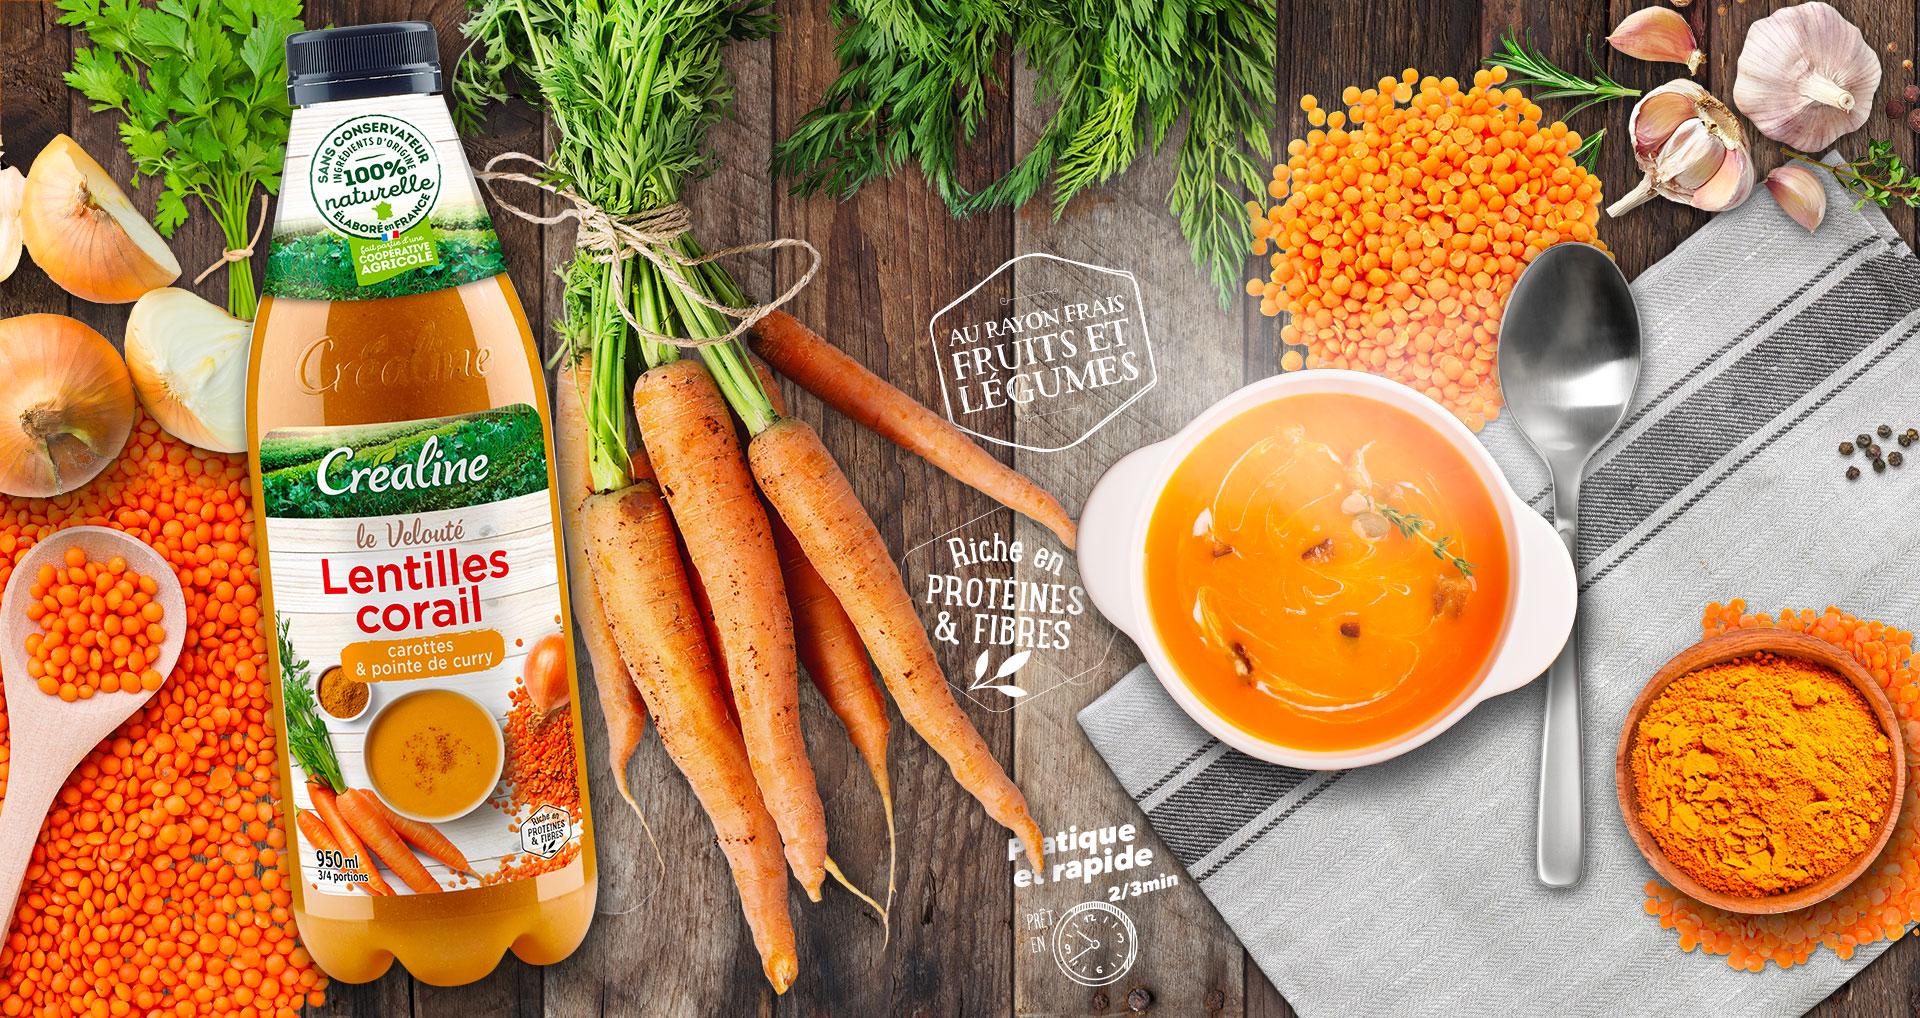 Velouté lentilles corail - carottes et sa pointe de curry. Velouté de lentilles au rayon frais Créaline